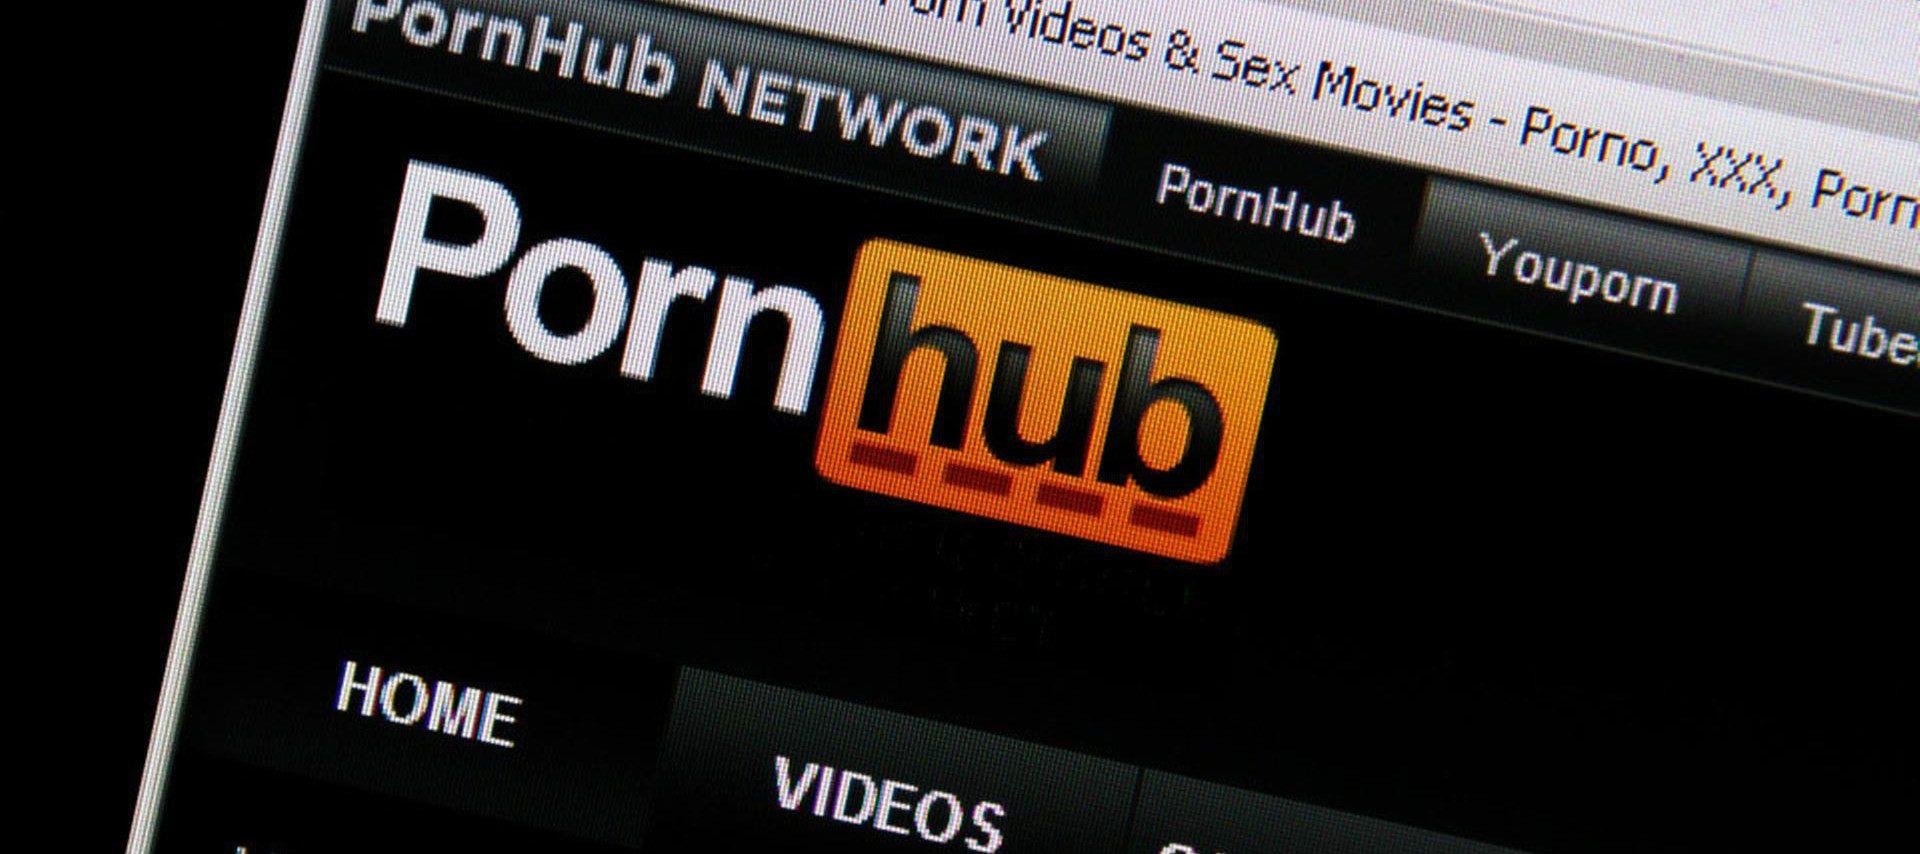 Команда <i>Pornhub</i> пытается учитывать потребности разных категорий посетителей. Иэто несовсем то, очём вы подумали.